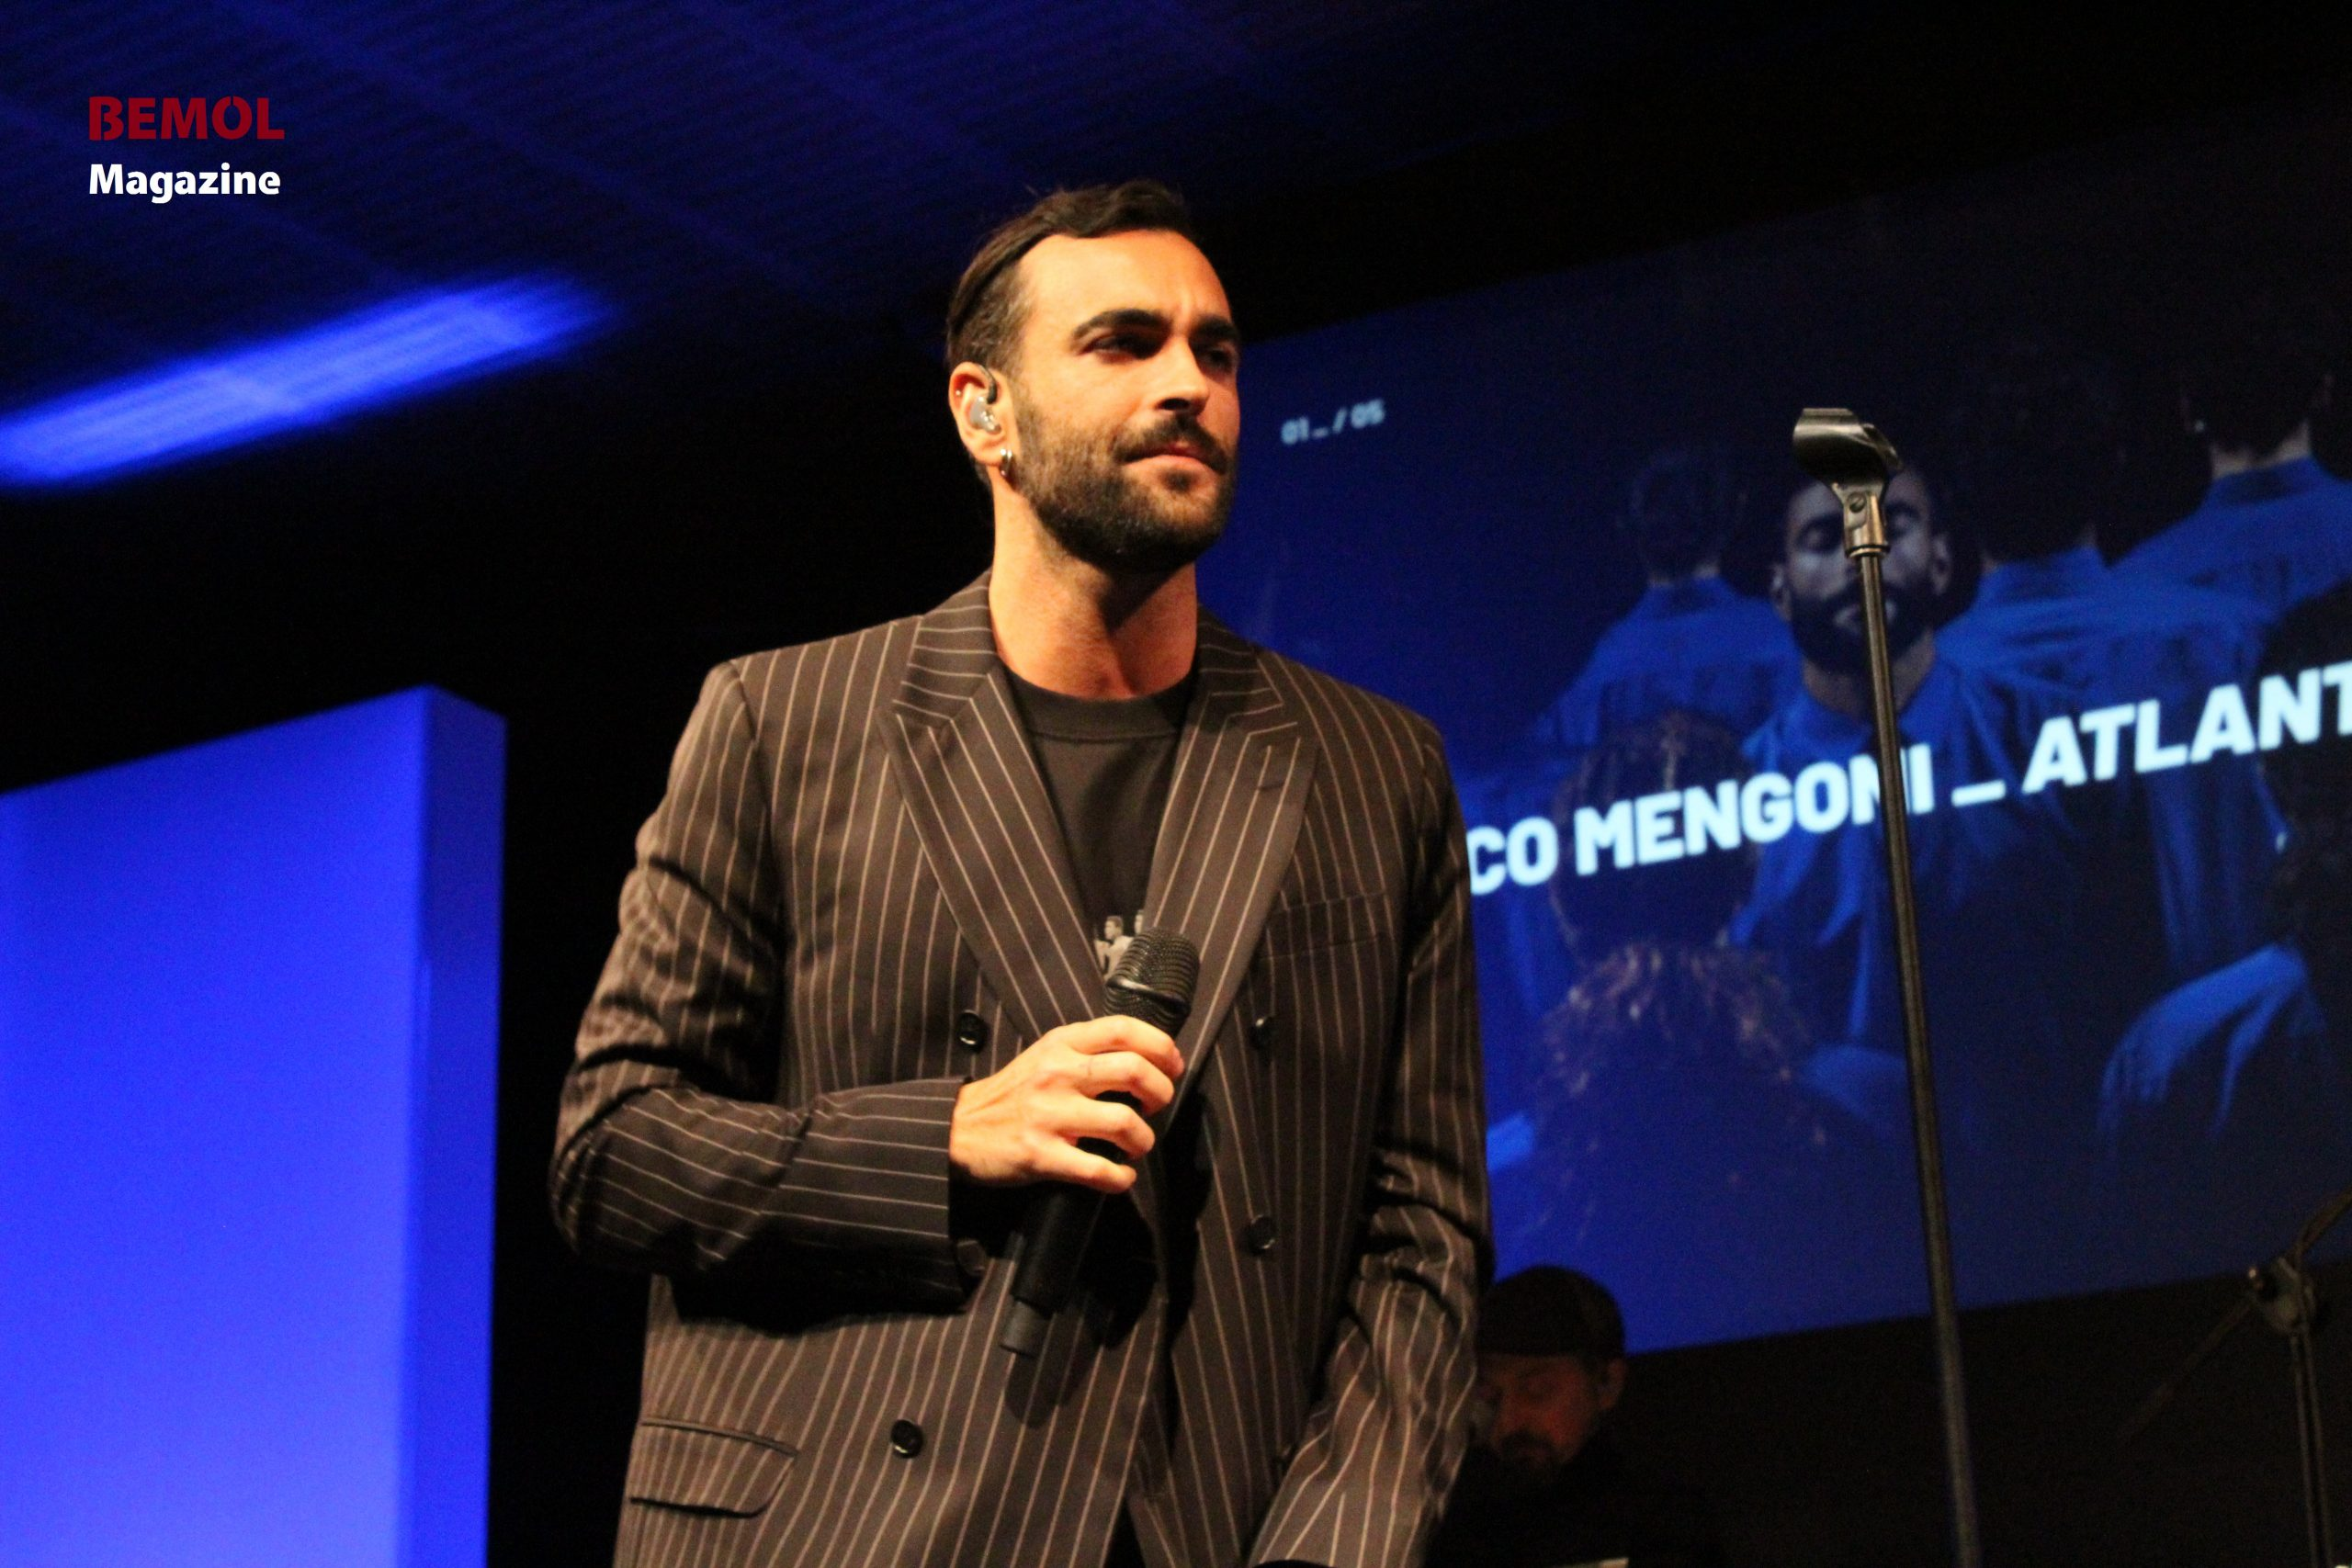 ARTÍCULO | Así es Atlantico el nuevo álbum de Marco Mengoni